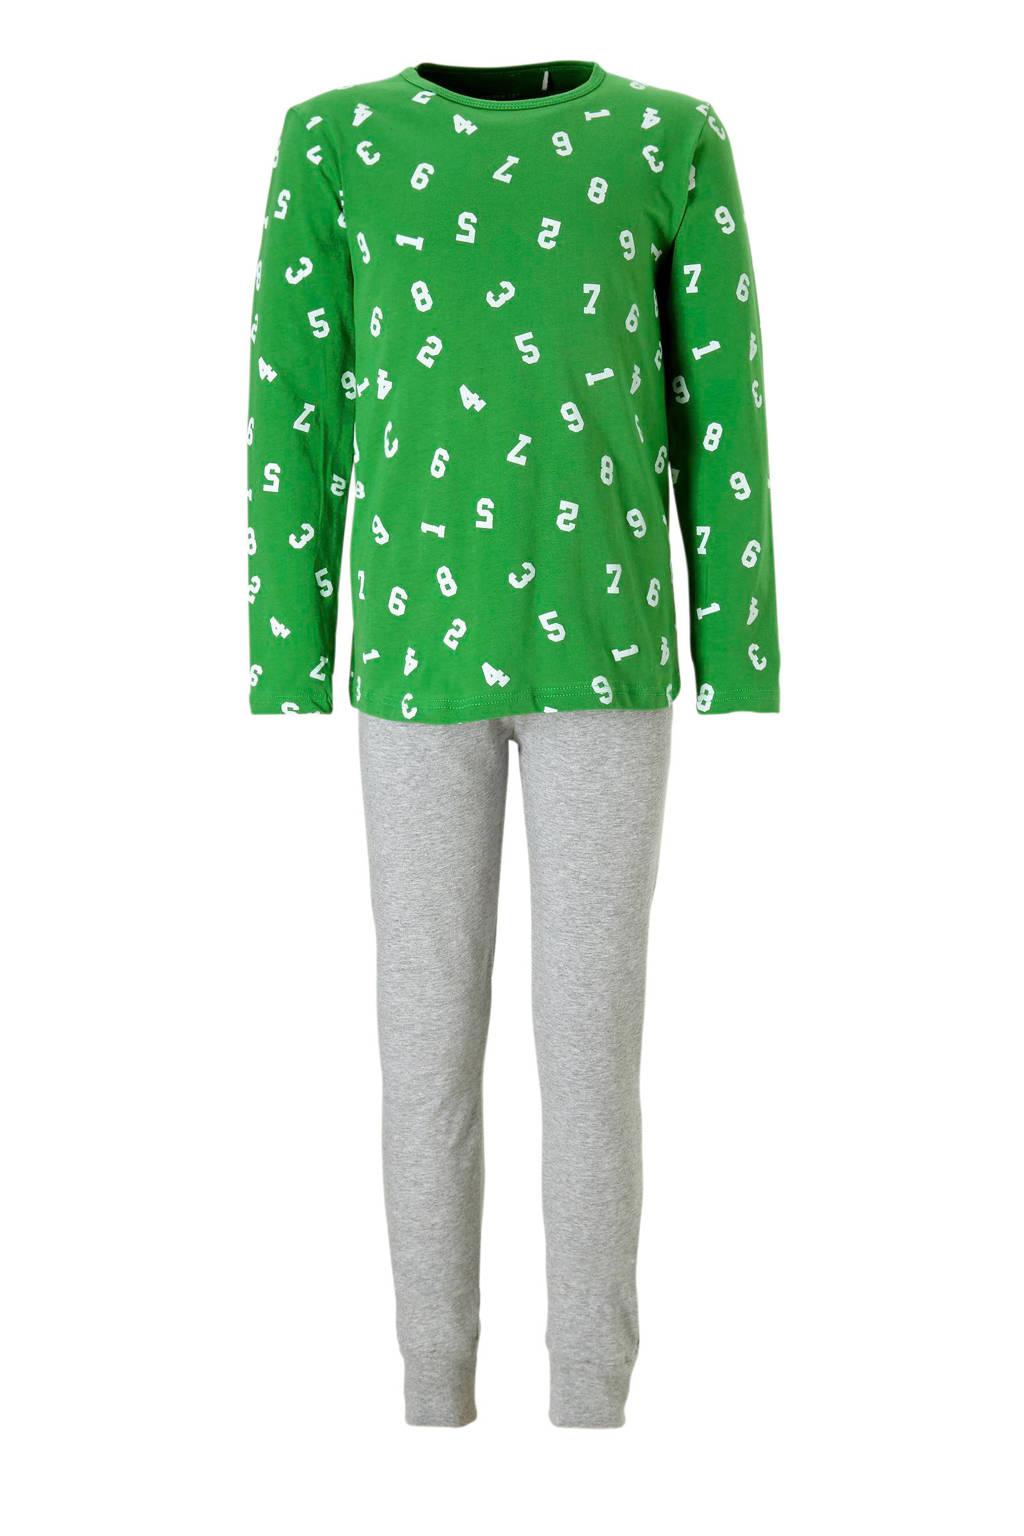 name it   pyjama met cijfers, Groen/ grijs melange